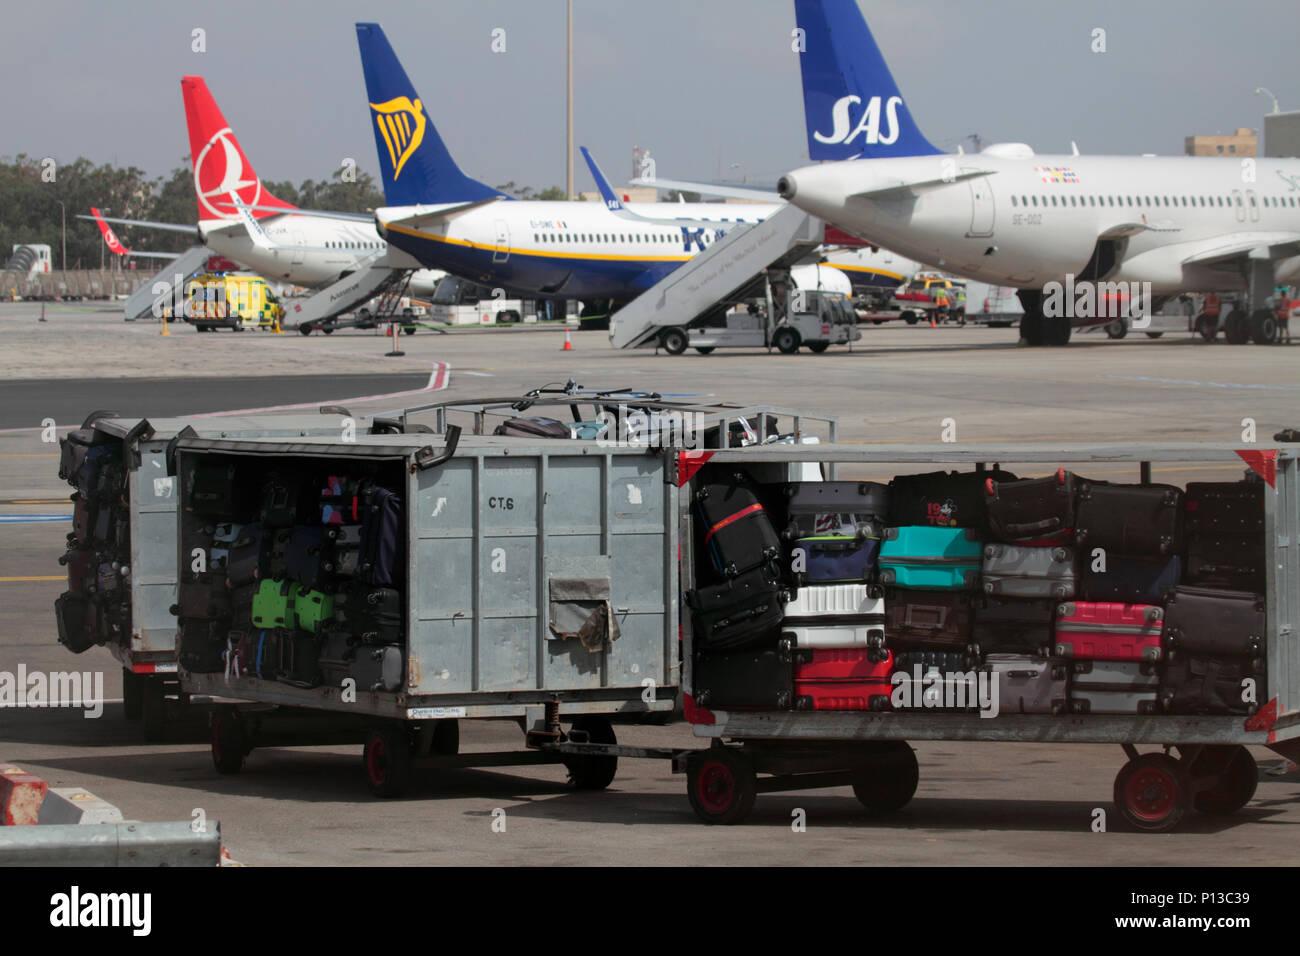 Gepäckwagen warten auf ein Flugzeug auf dem Vorfeld am internationalen Flughafen Malta geschleppt werden. Der Umgang mit dem Gepäck und Flugverkehr am Flughafen. Stockbild